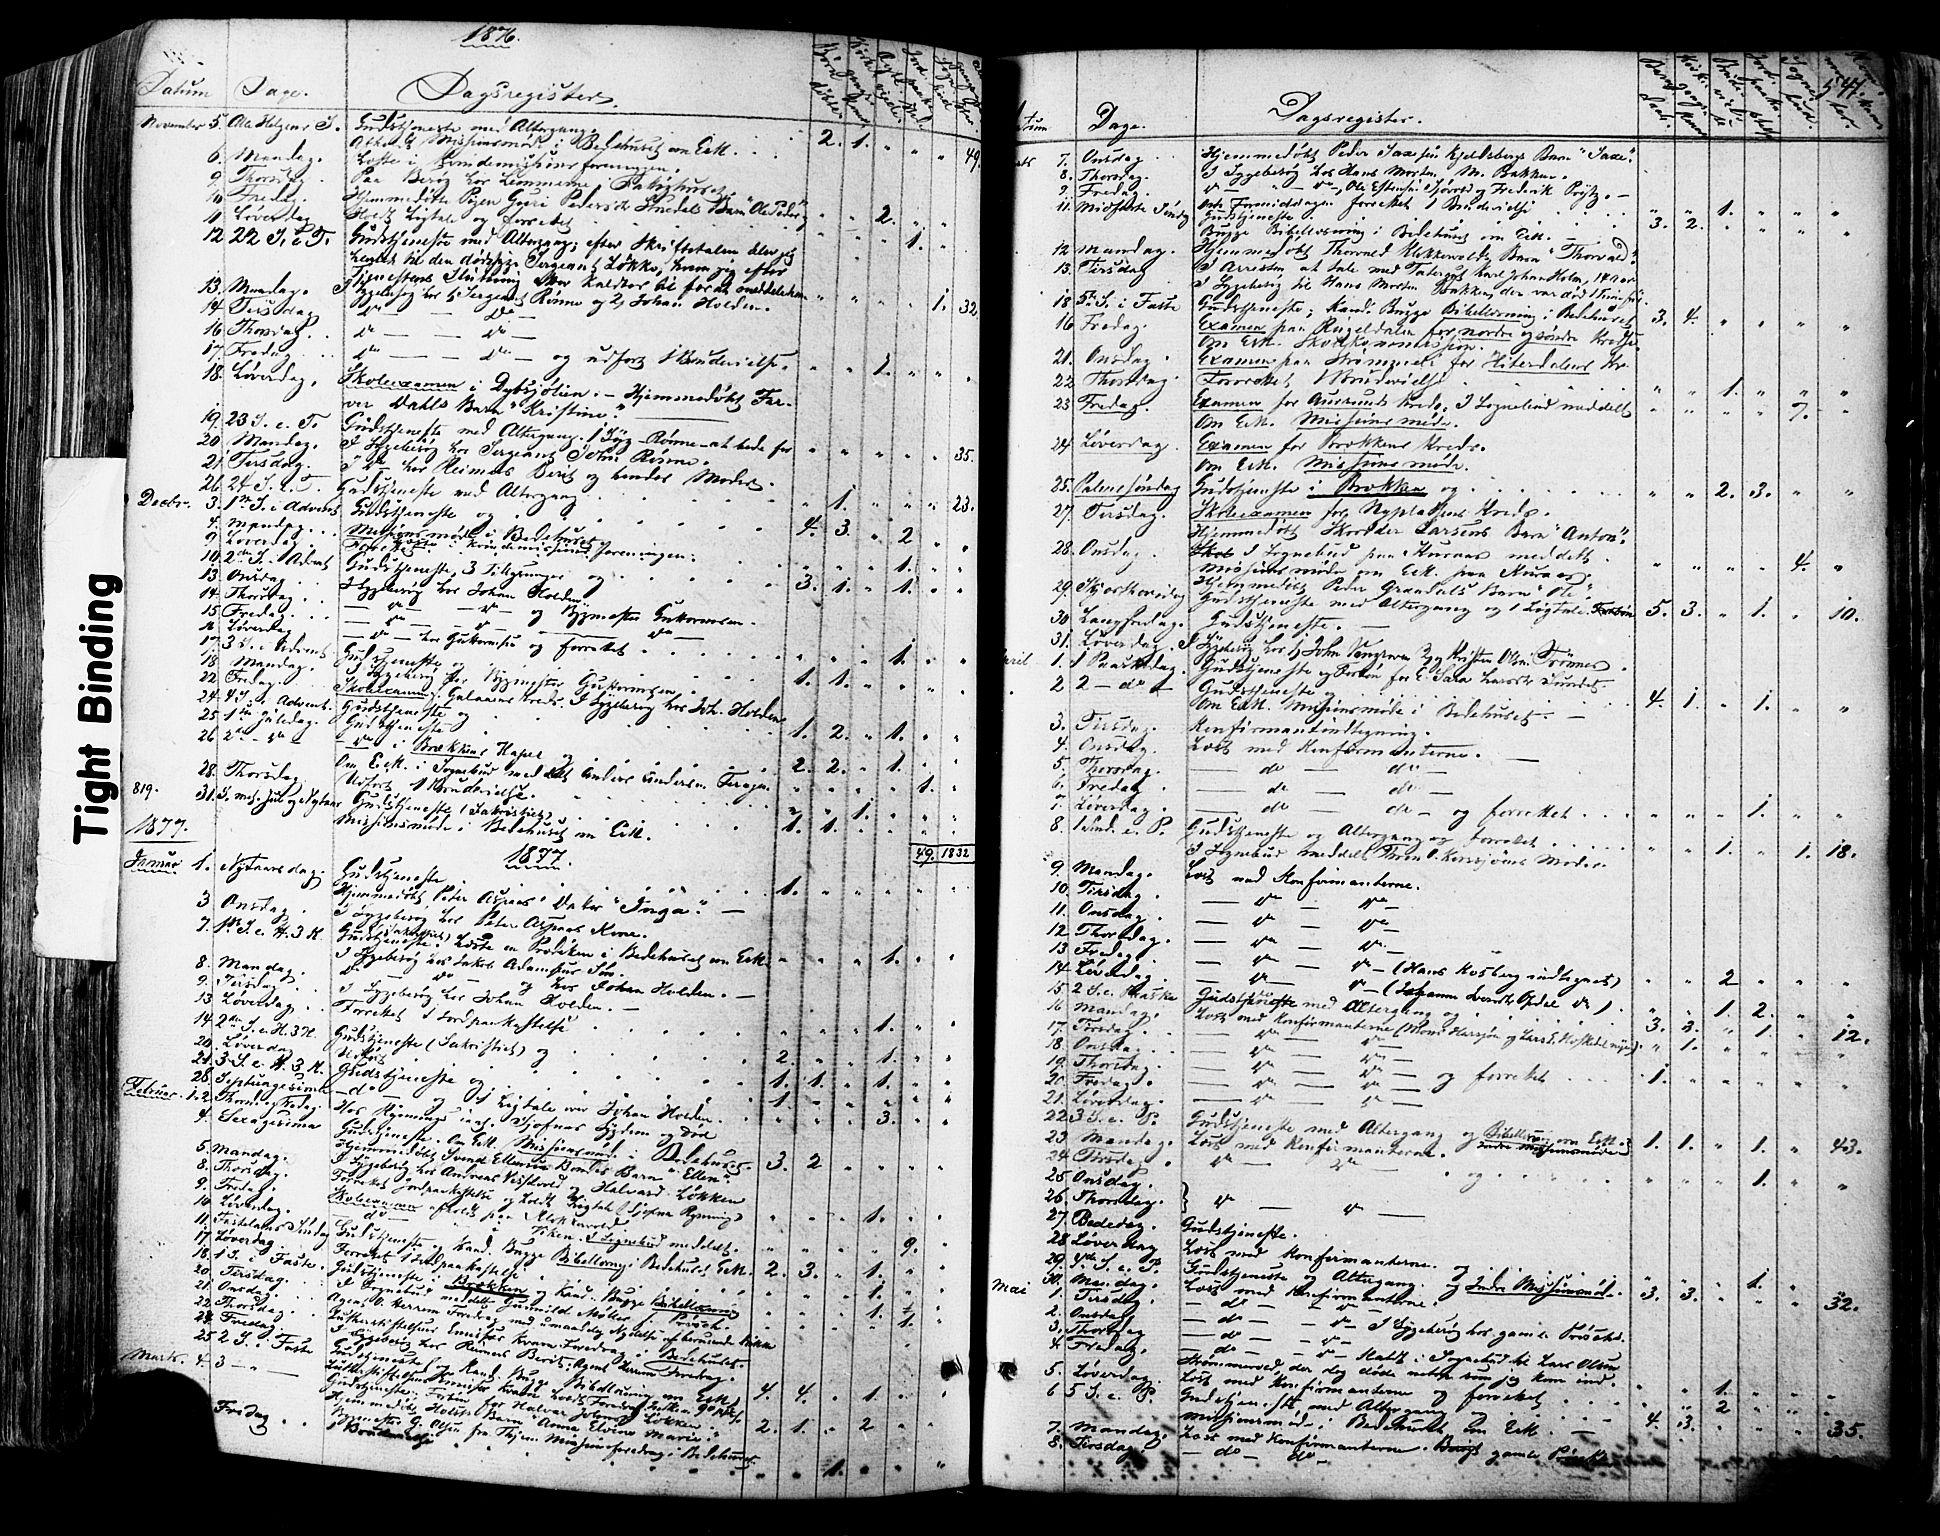 SAT, Ministerialprotokoller, klokkerbøker og fødselsregistre - Sør-Trøndelag, 681/L0932: Ministerialbok nr. 681A10, 1860-1878, s. 641